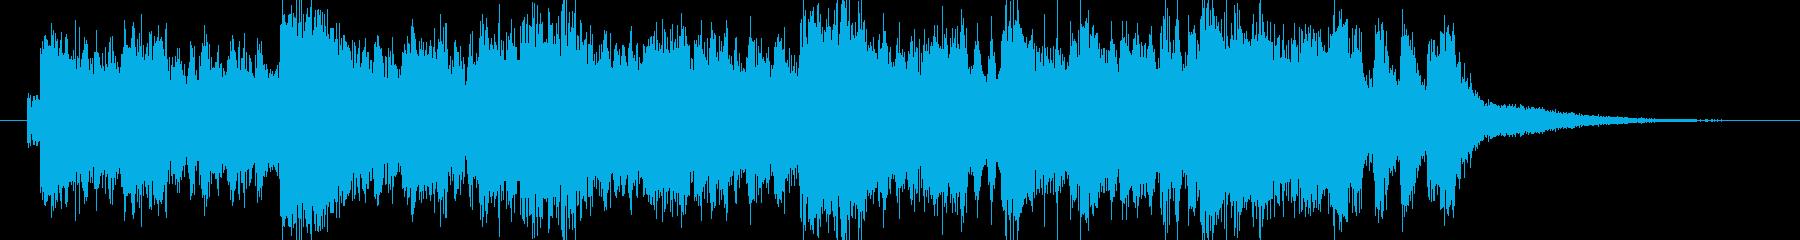 アクション風 オーケストラファンファーレの再生済みの波形